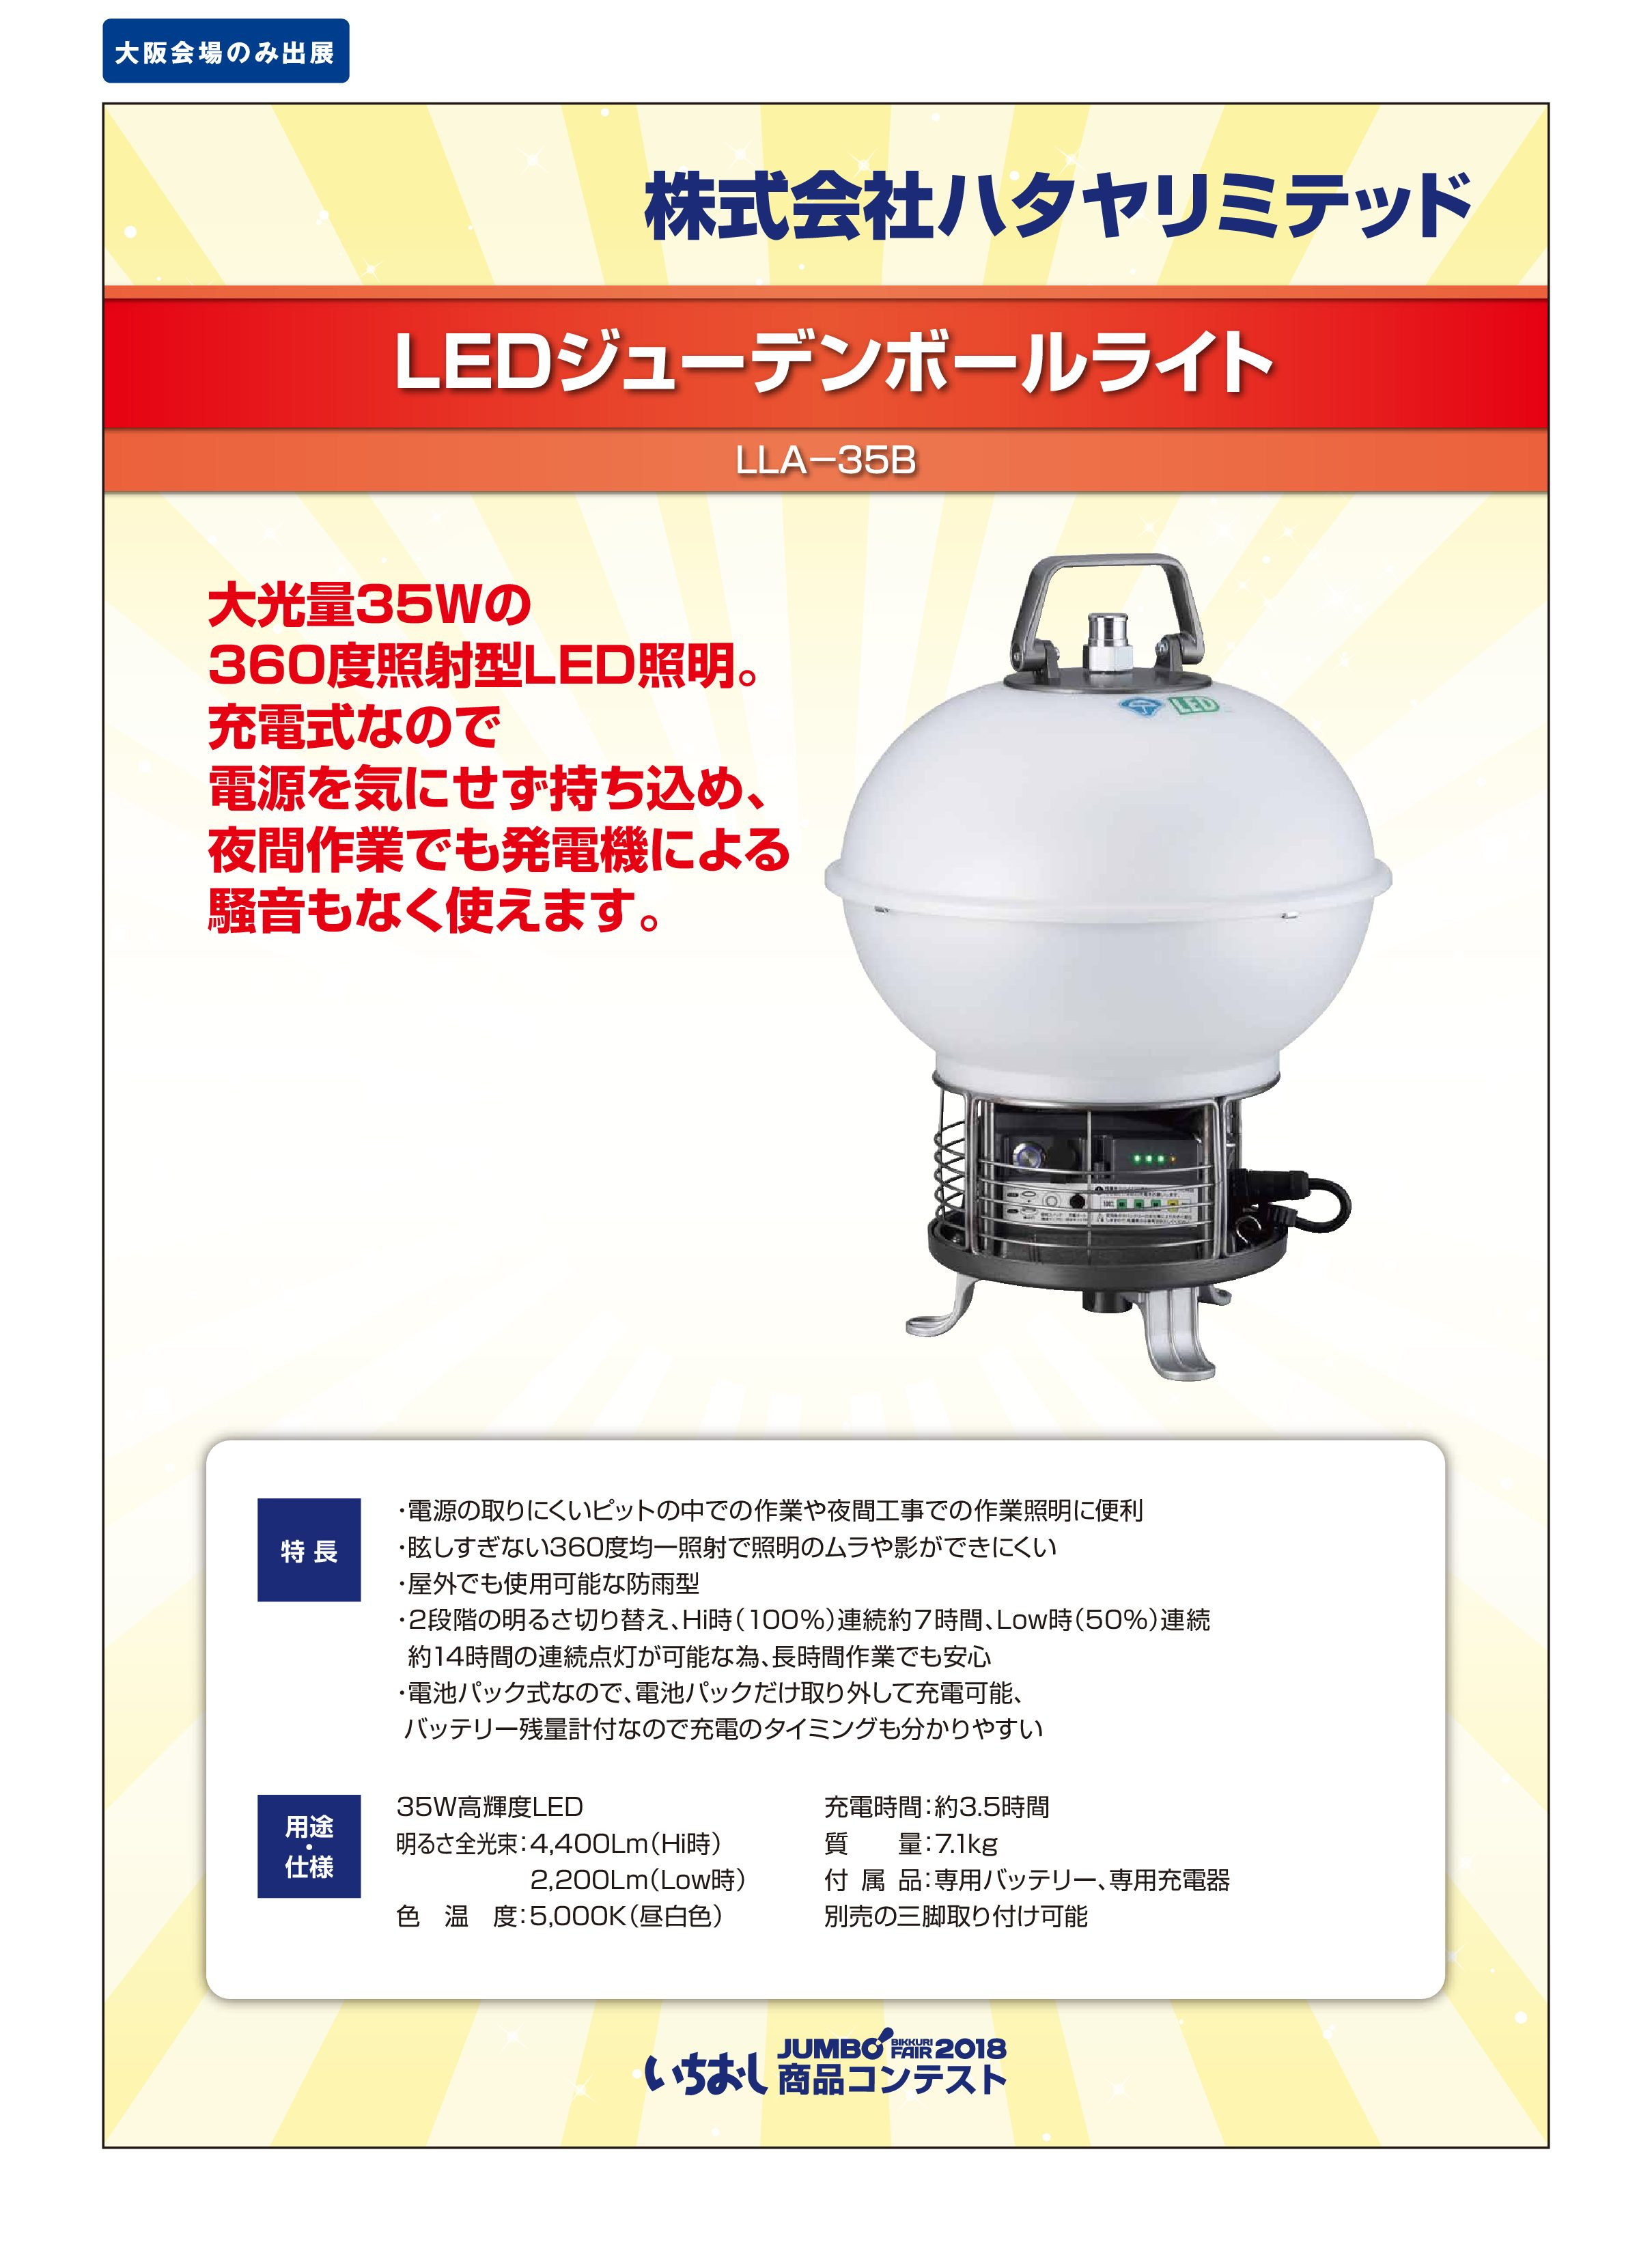 「LEDジューデンボールライト」株式会社ハタヤリミテッドの画像